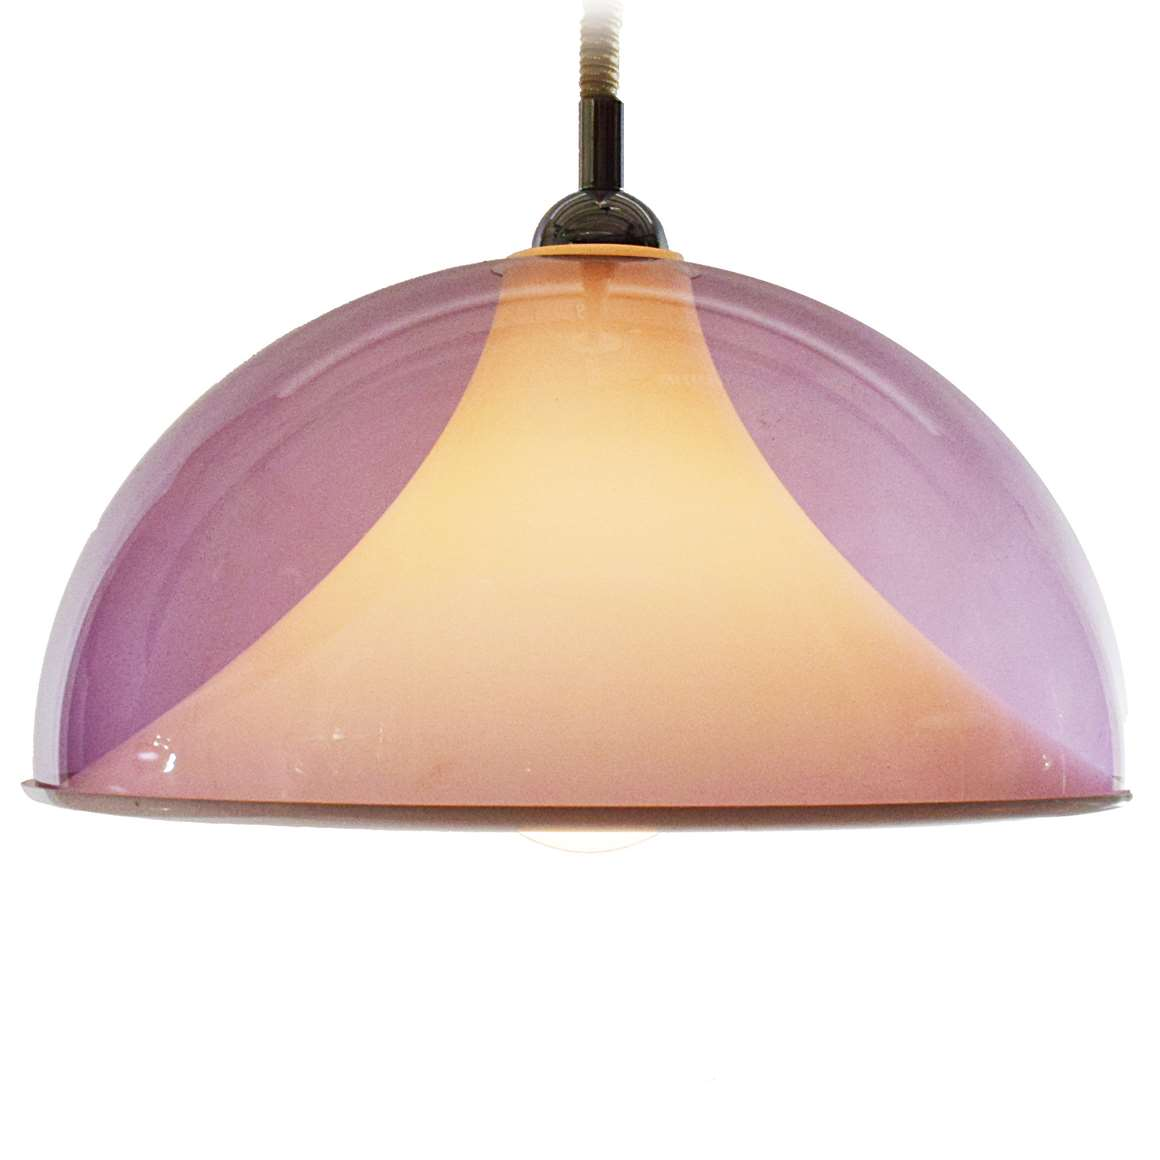 Acrylic Rise & Fall Pendant Lamp